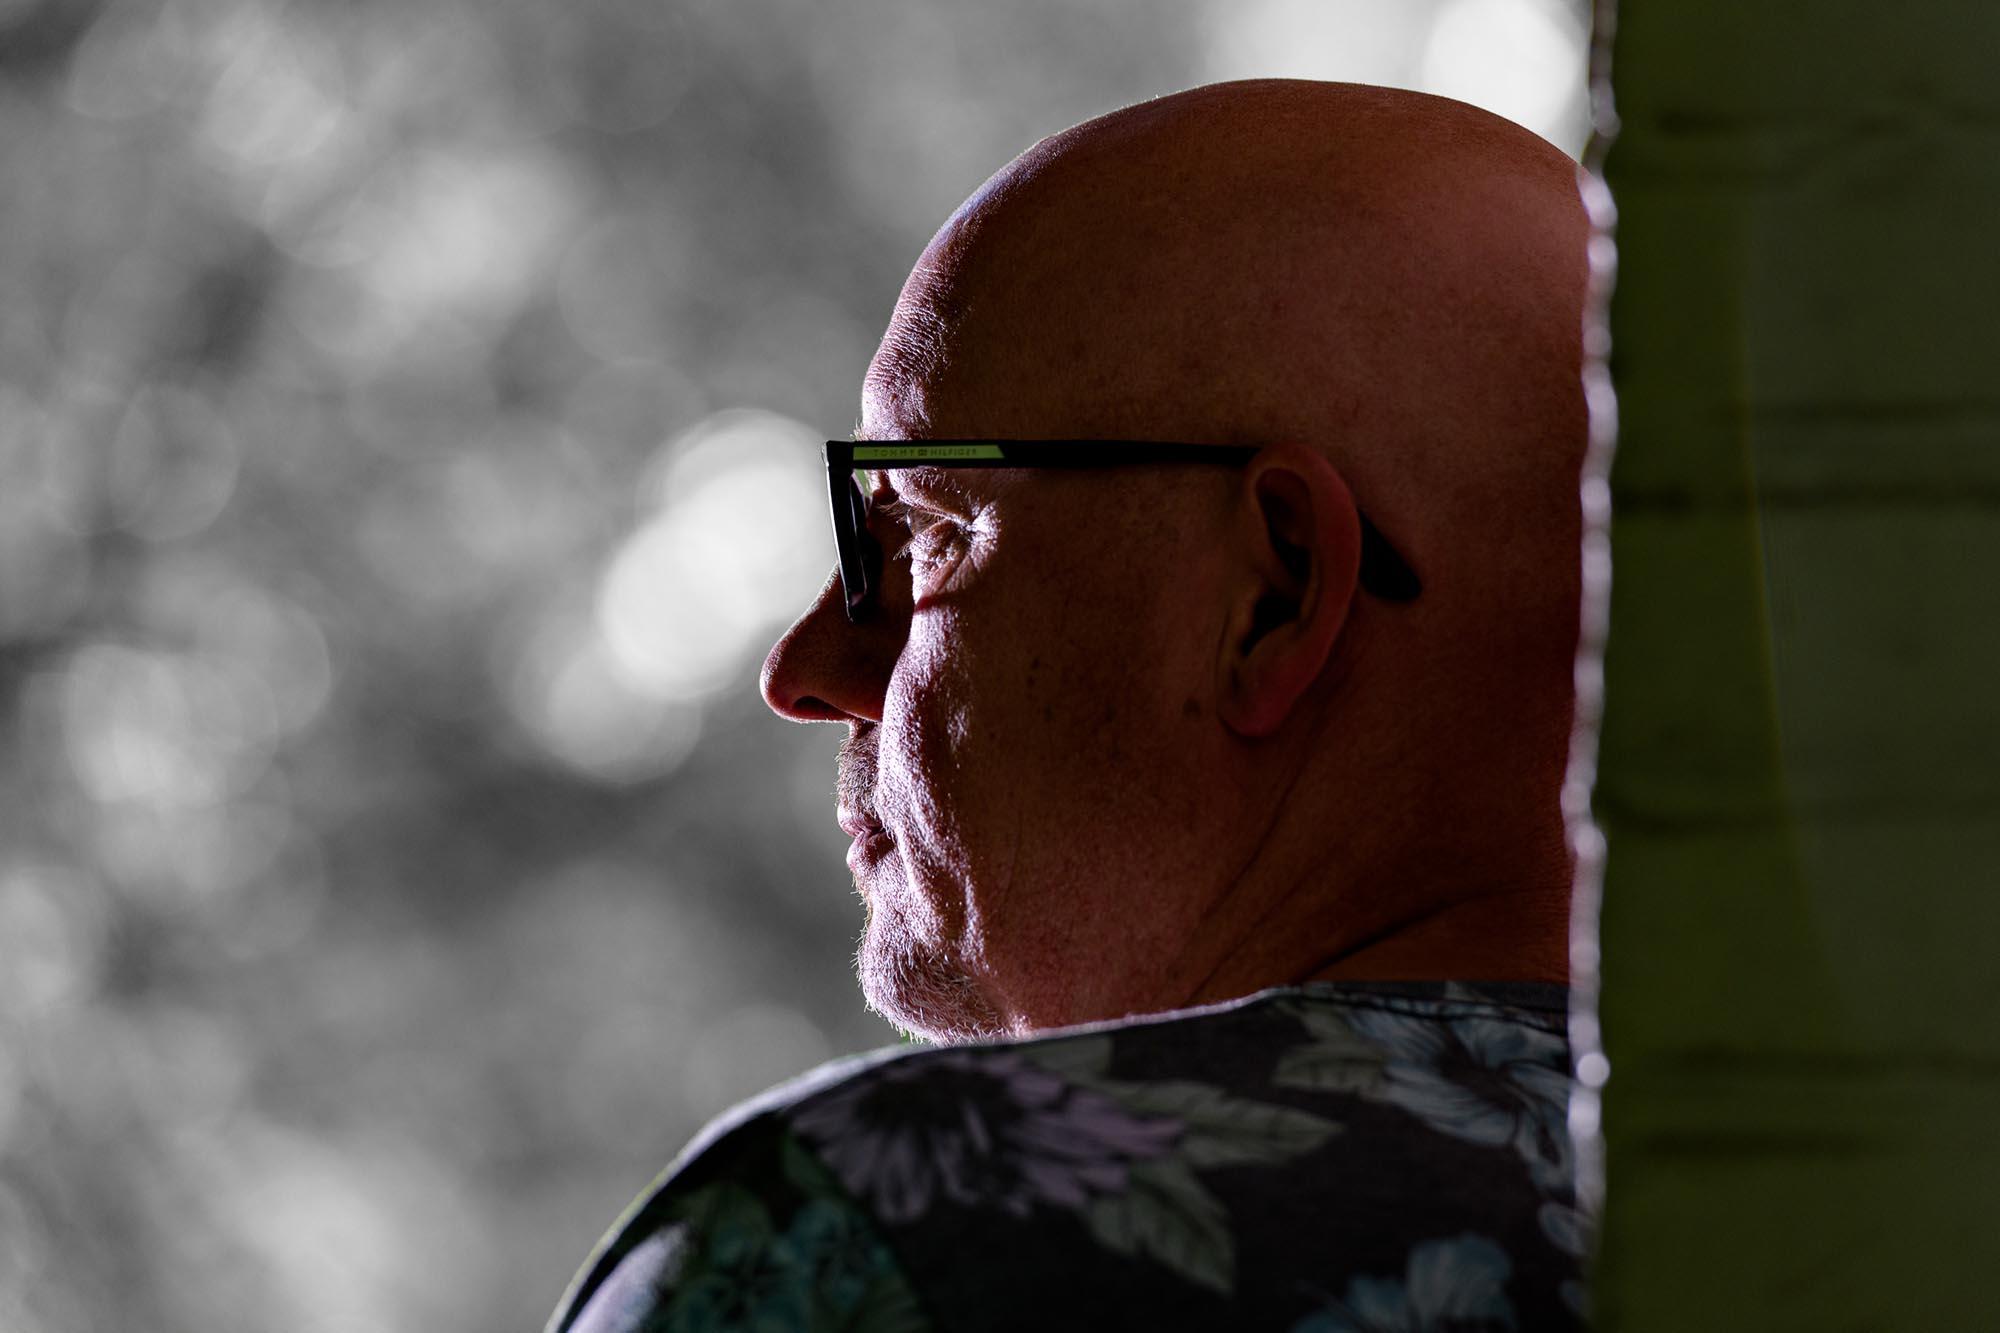 MvDD Arjen Muziektherapeut Fivoor